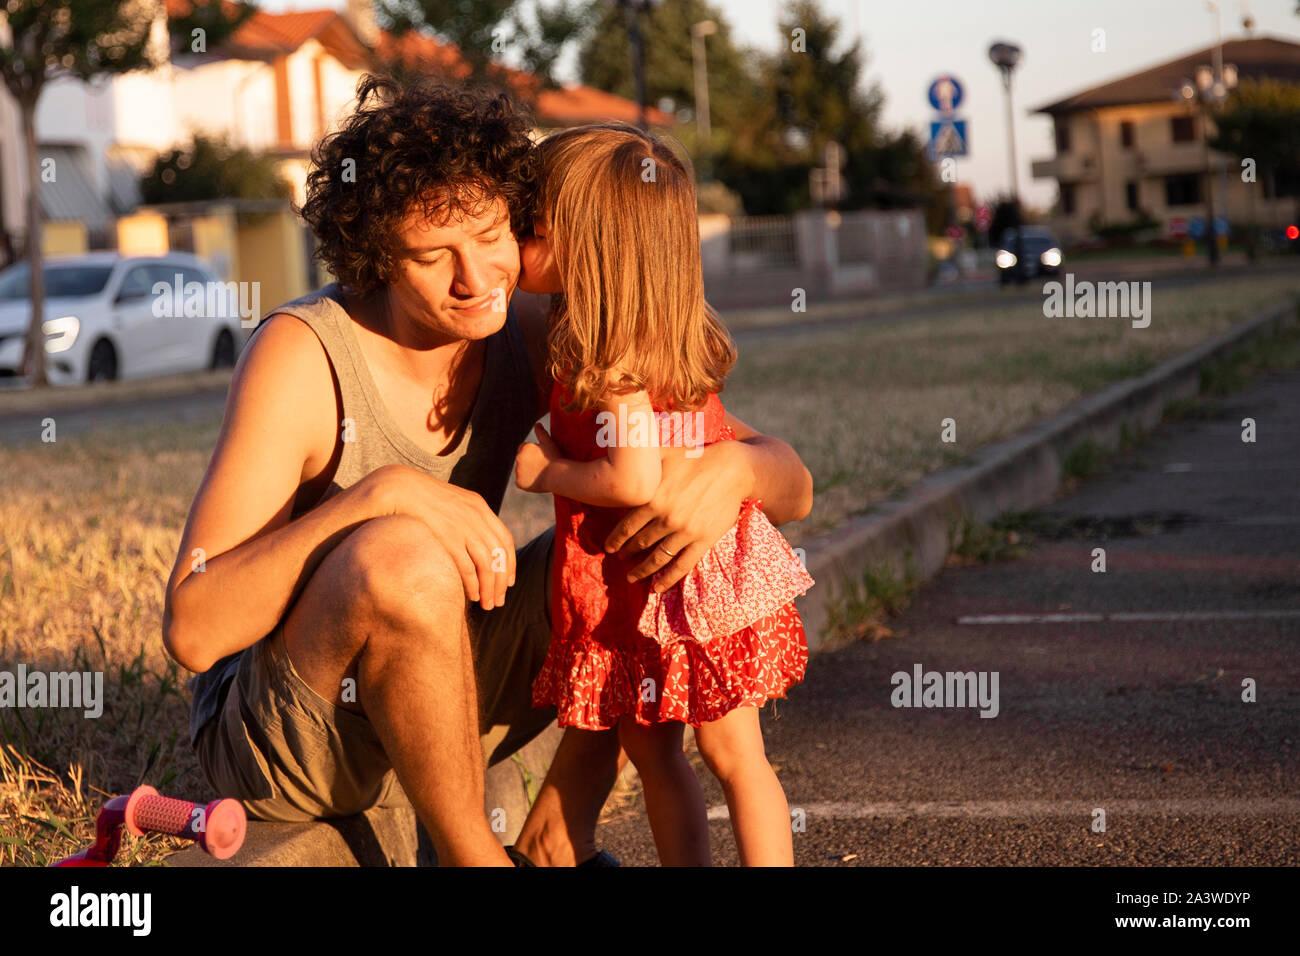 Kleines Kind Tochter auf einem Fahrrad küsste ihre jungen Vater bei Sonnenuntergang im Freien. Kopieren Sie Platz auf der rechten Seite. Stockfoto